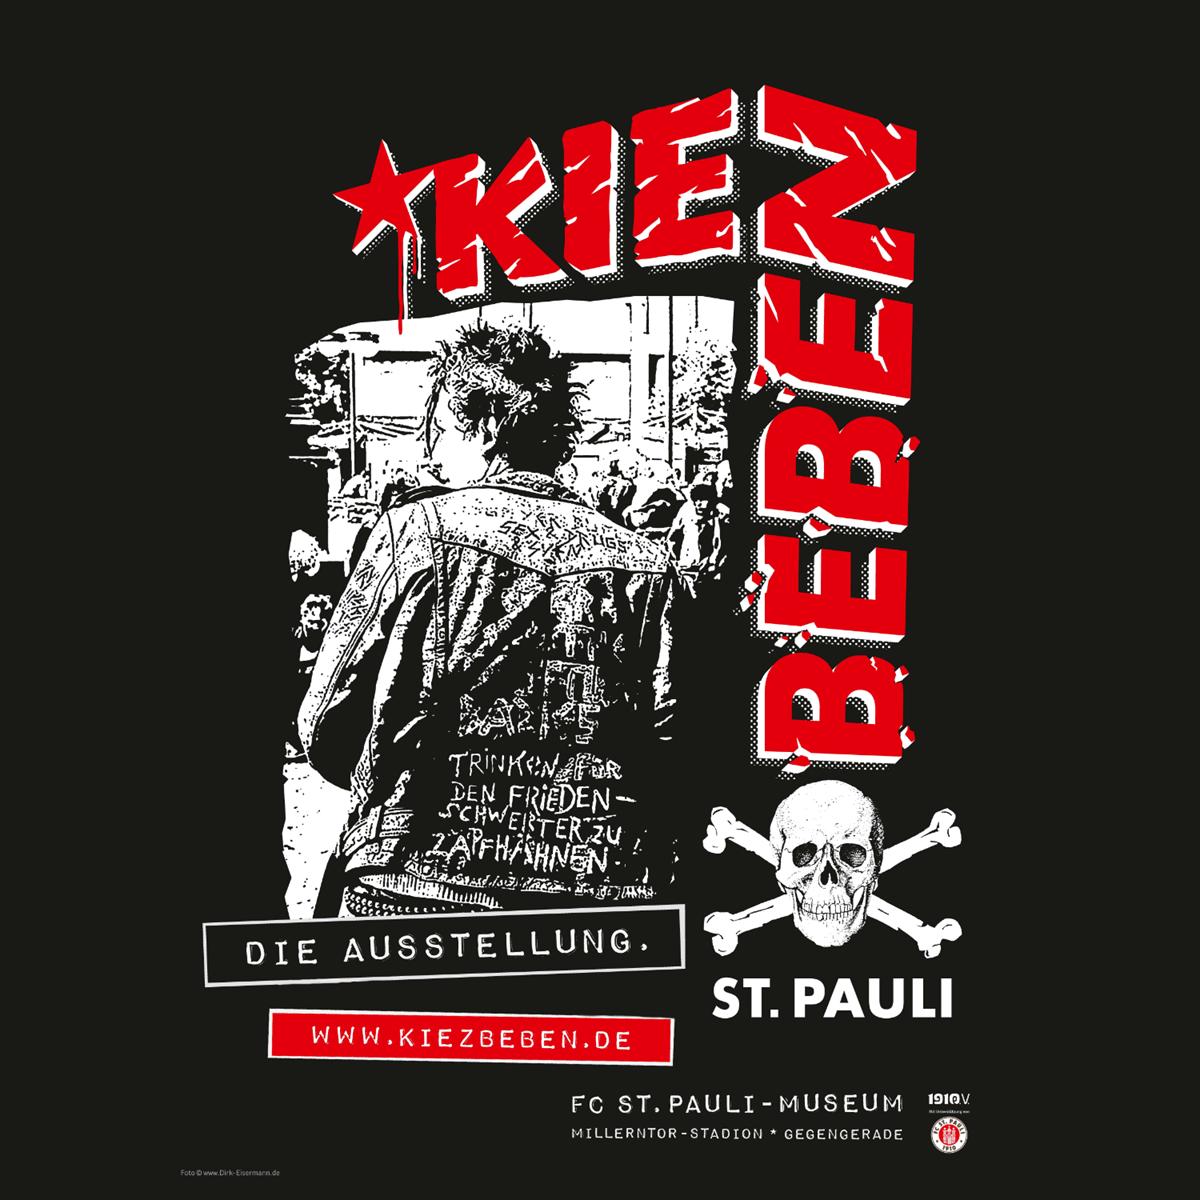 Die Ausstellung KIEZBEBEN ist noch bis 5. Oktober im FC St. Pauli-Museum in der Gegengerade zu sehen. Öffnungszeiten: Do.+Fr. 16-22, Sa.+So. 11-19 Uhr.